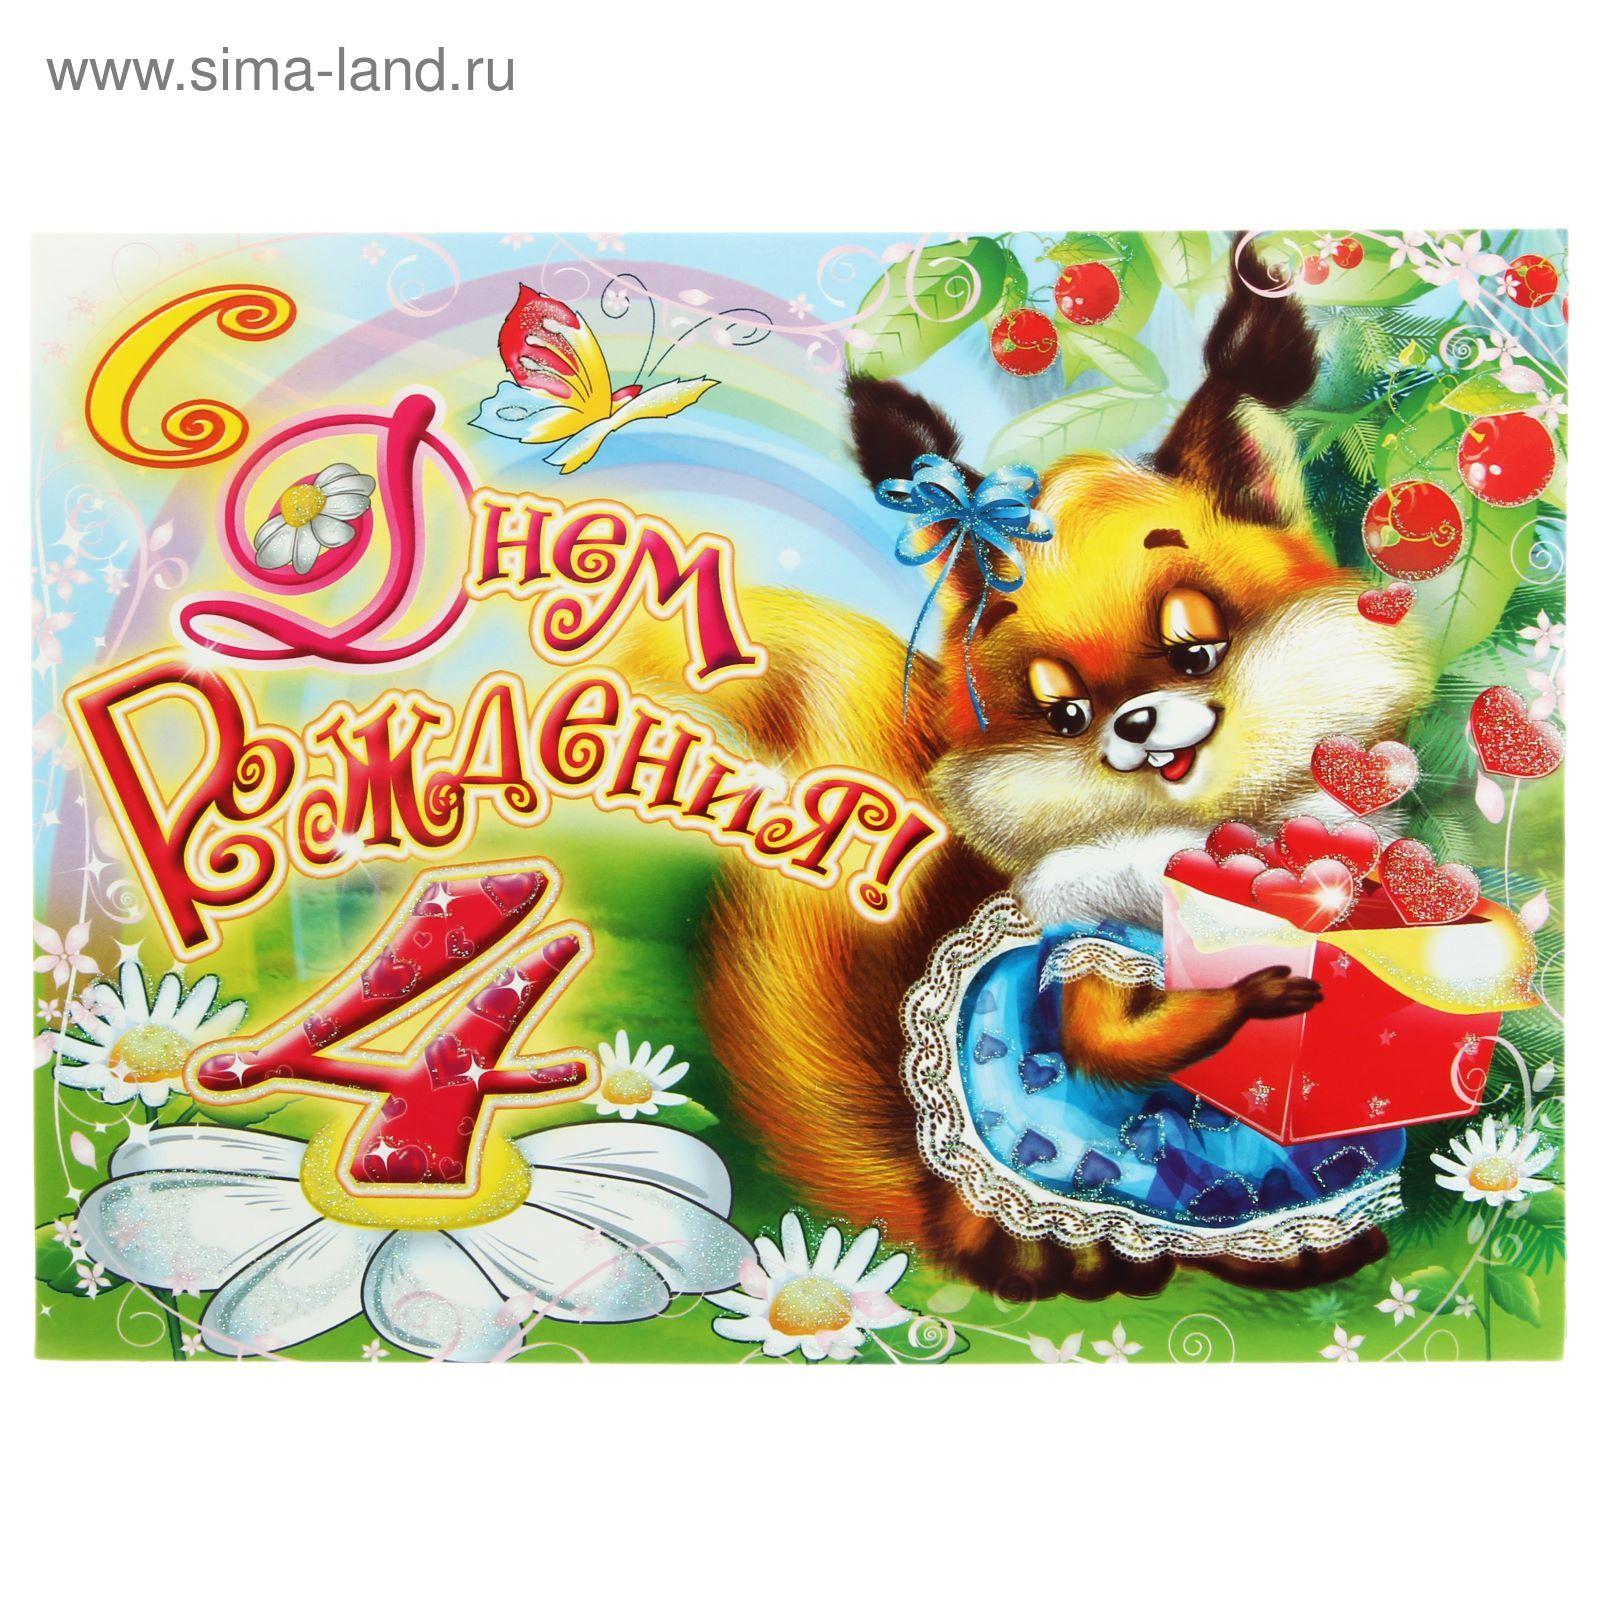 Поздравить открыткой с днем рождения 4 года